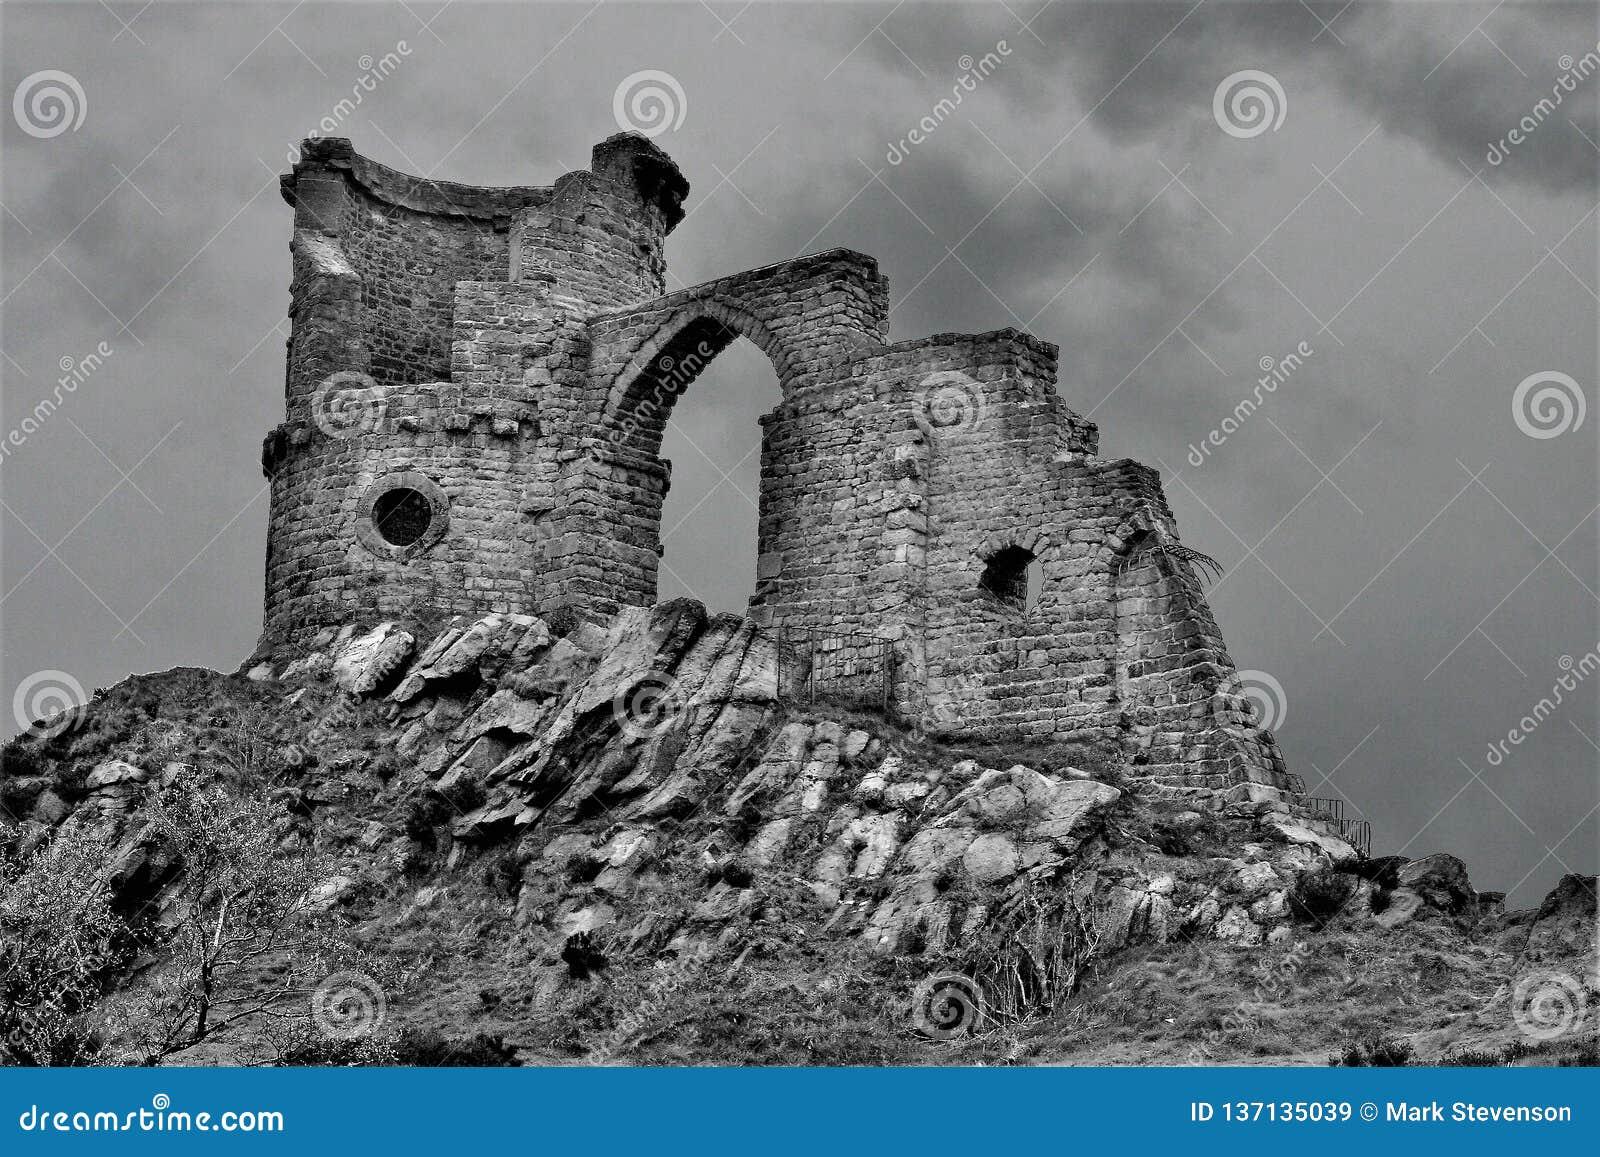 Fauchez le château de cannette de fil, sur le Staffordshire Cheshire Borders